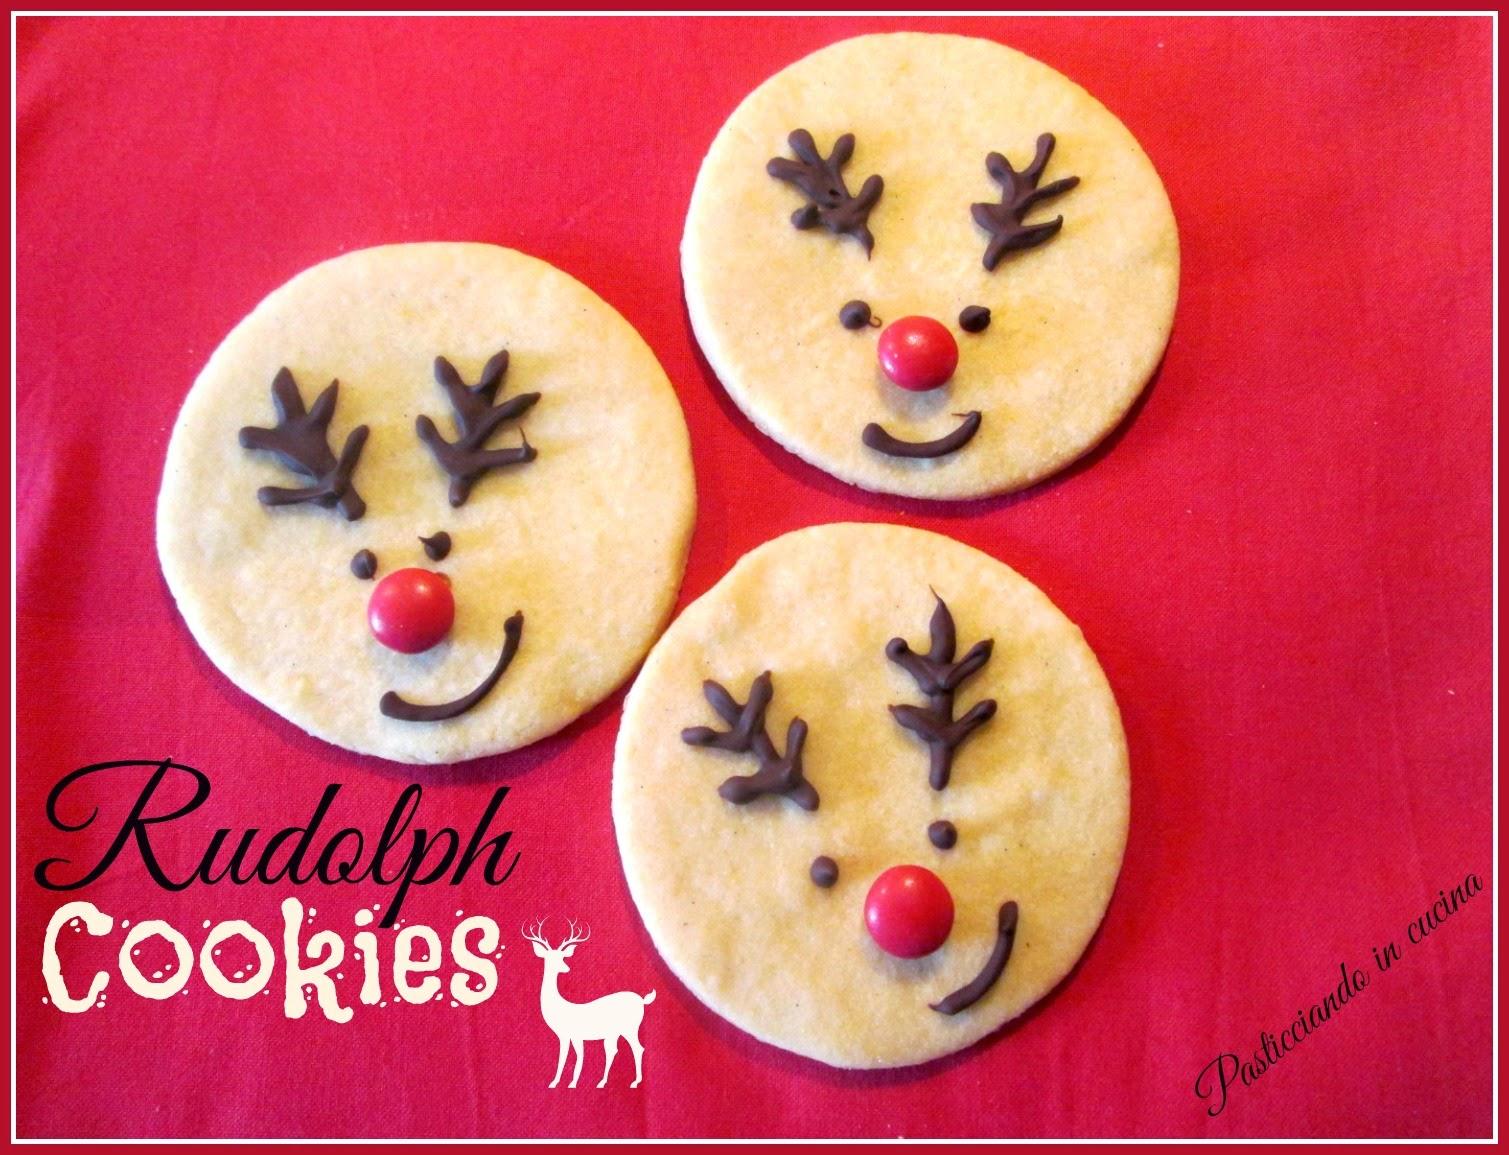 Rudolph Cookies...ovvero i biscottini a forma di renna!